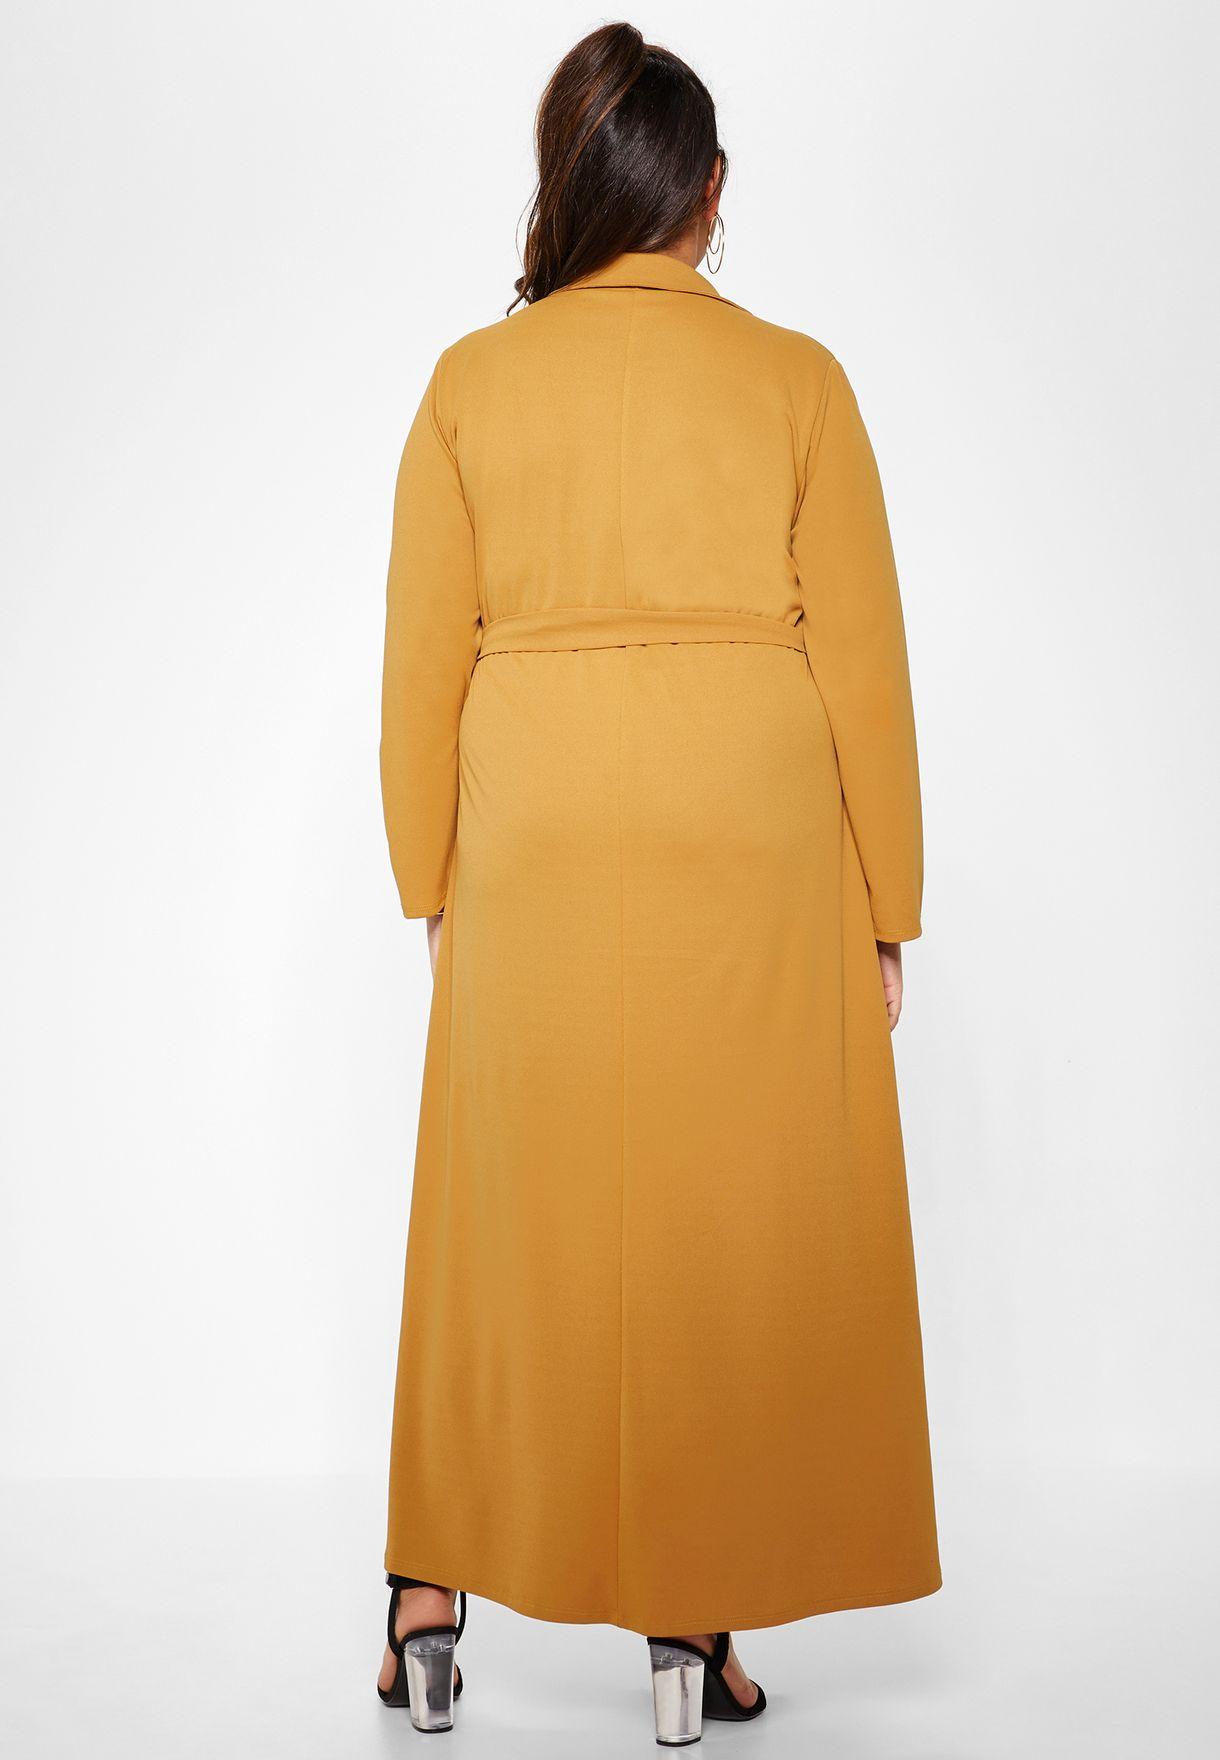 فستان مكسي بأربطة وجيوب